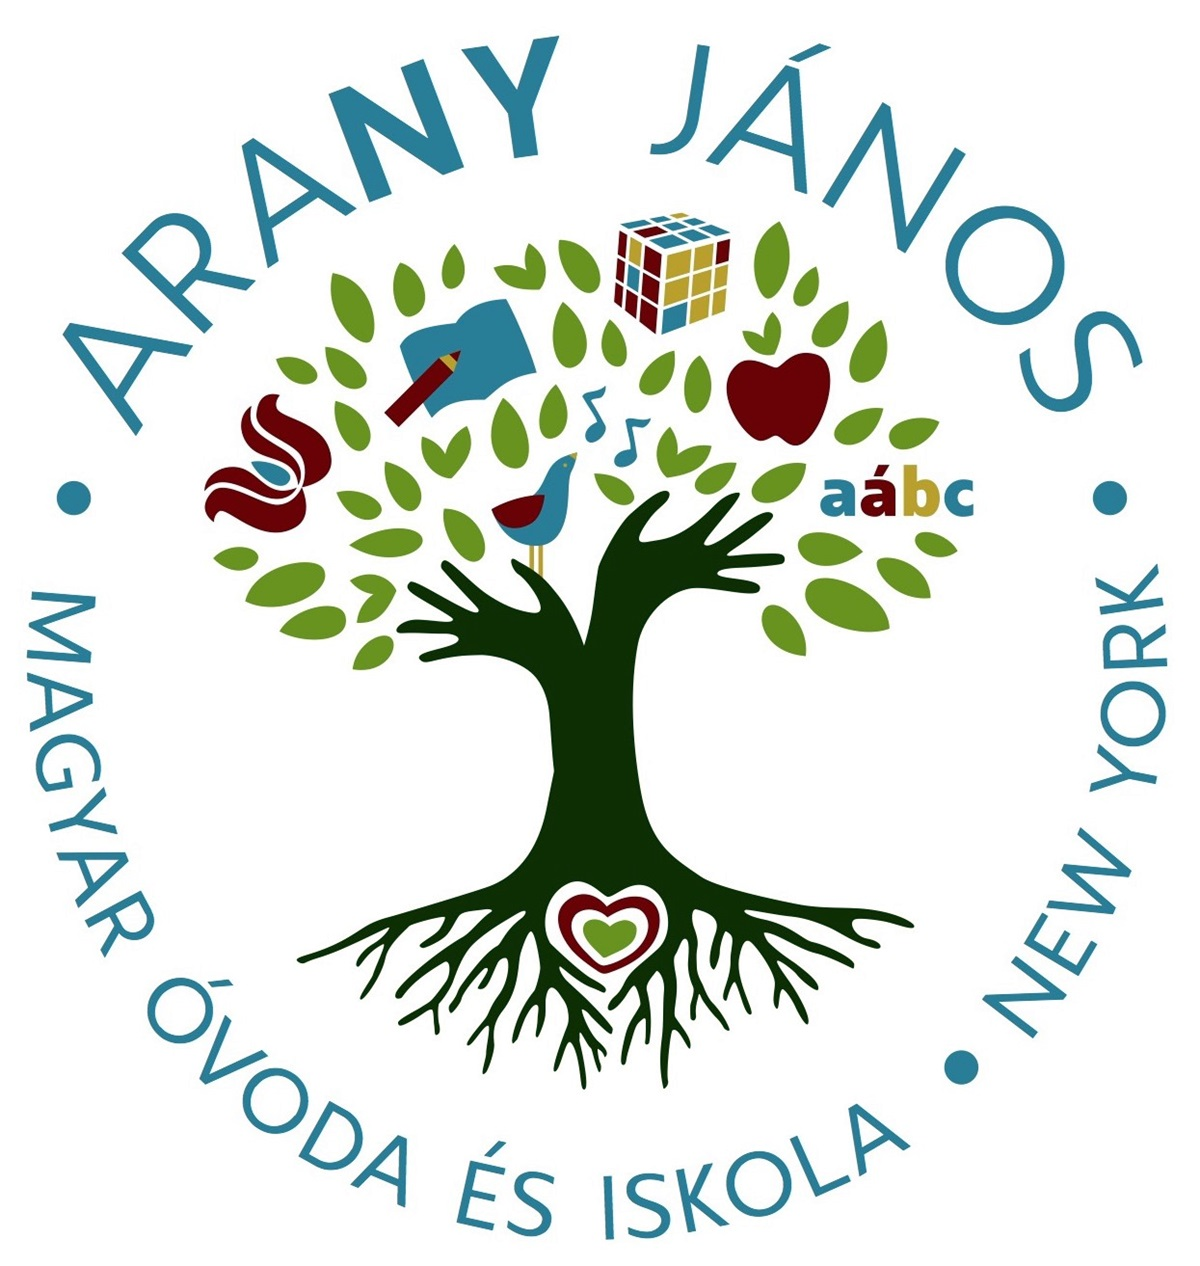 AJ_isk_logo_04